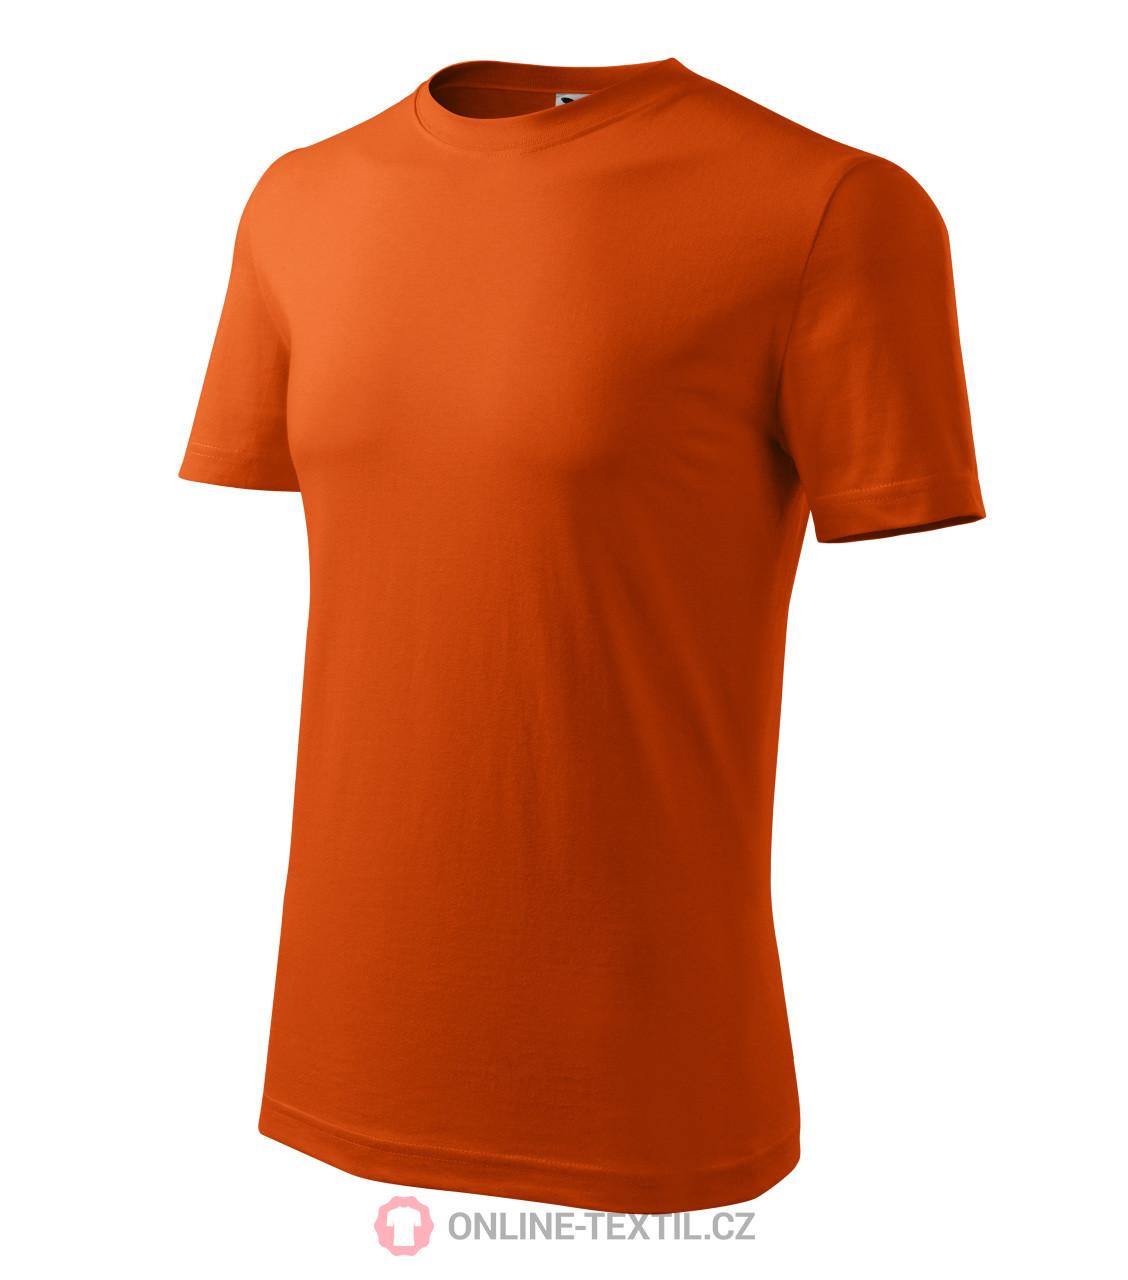 d8e7a4fa1 ADLER CZECH Tričko pánske Classic New nižšej gramáže 132 - oranžová ...